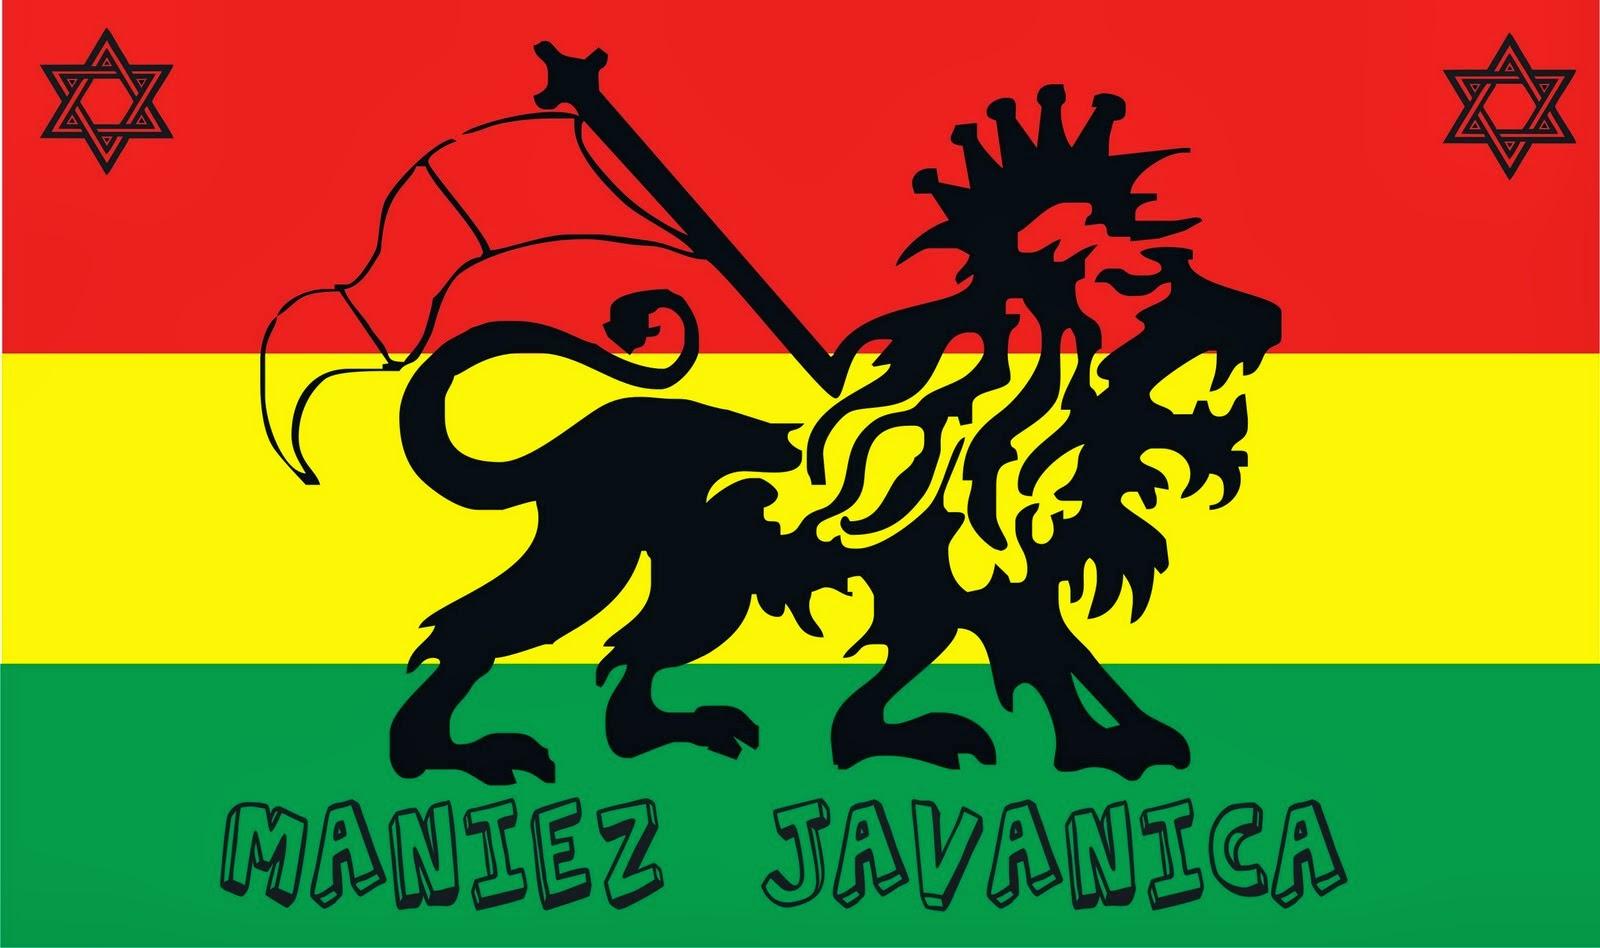 50 ] Gambar Wallpaper Reggae 2015 on WallpaperSafari